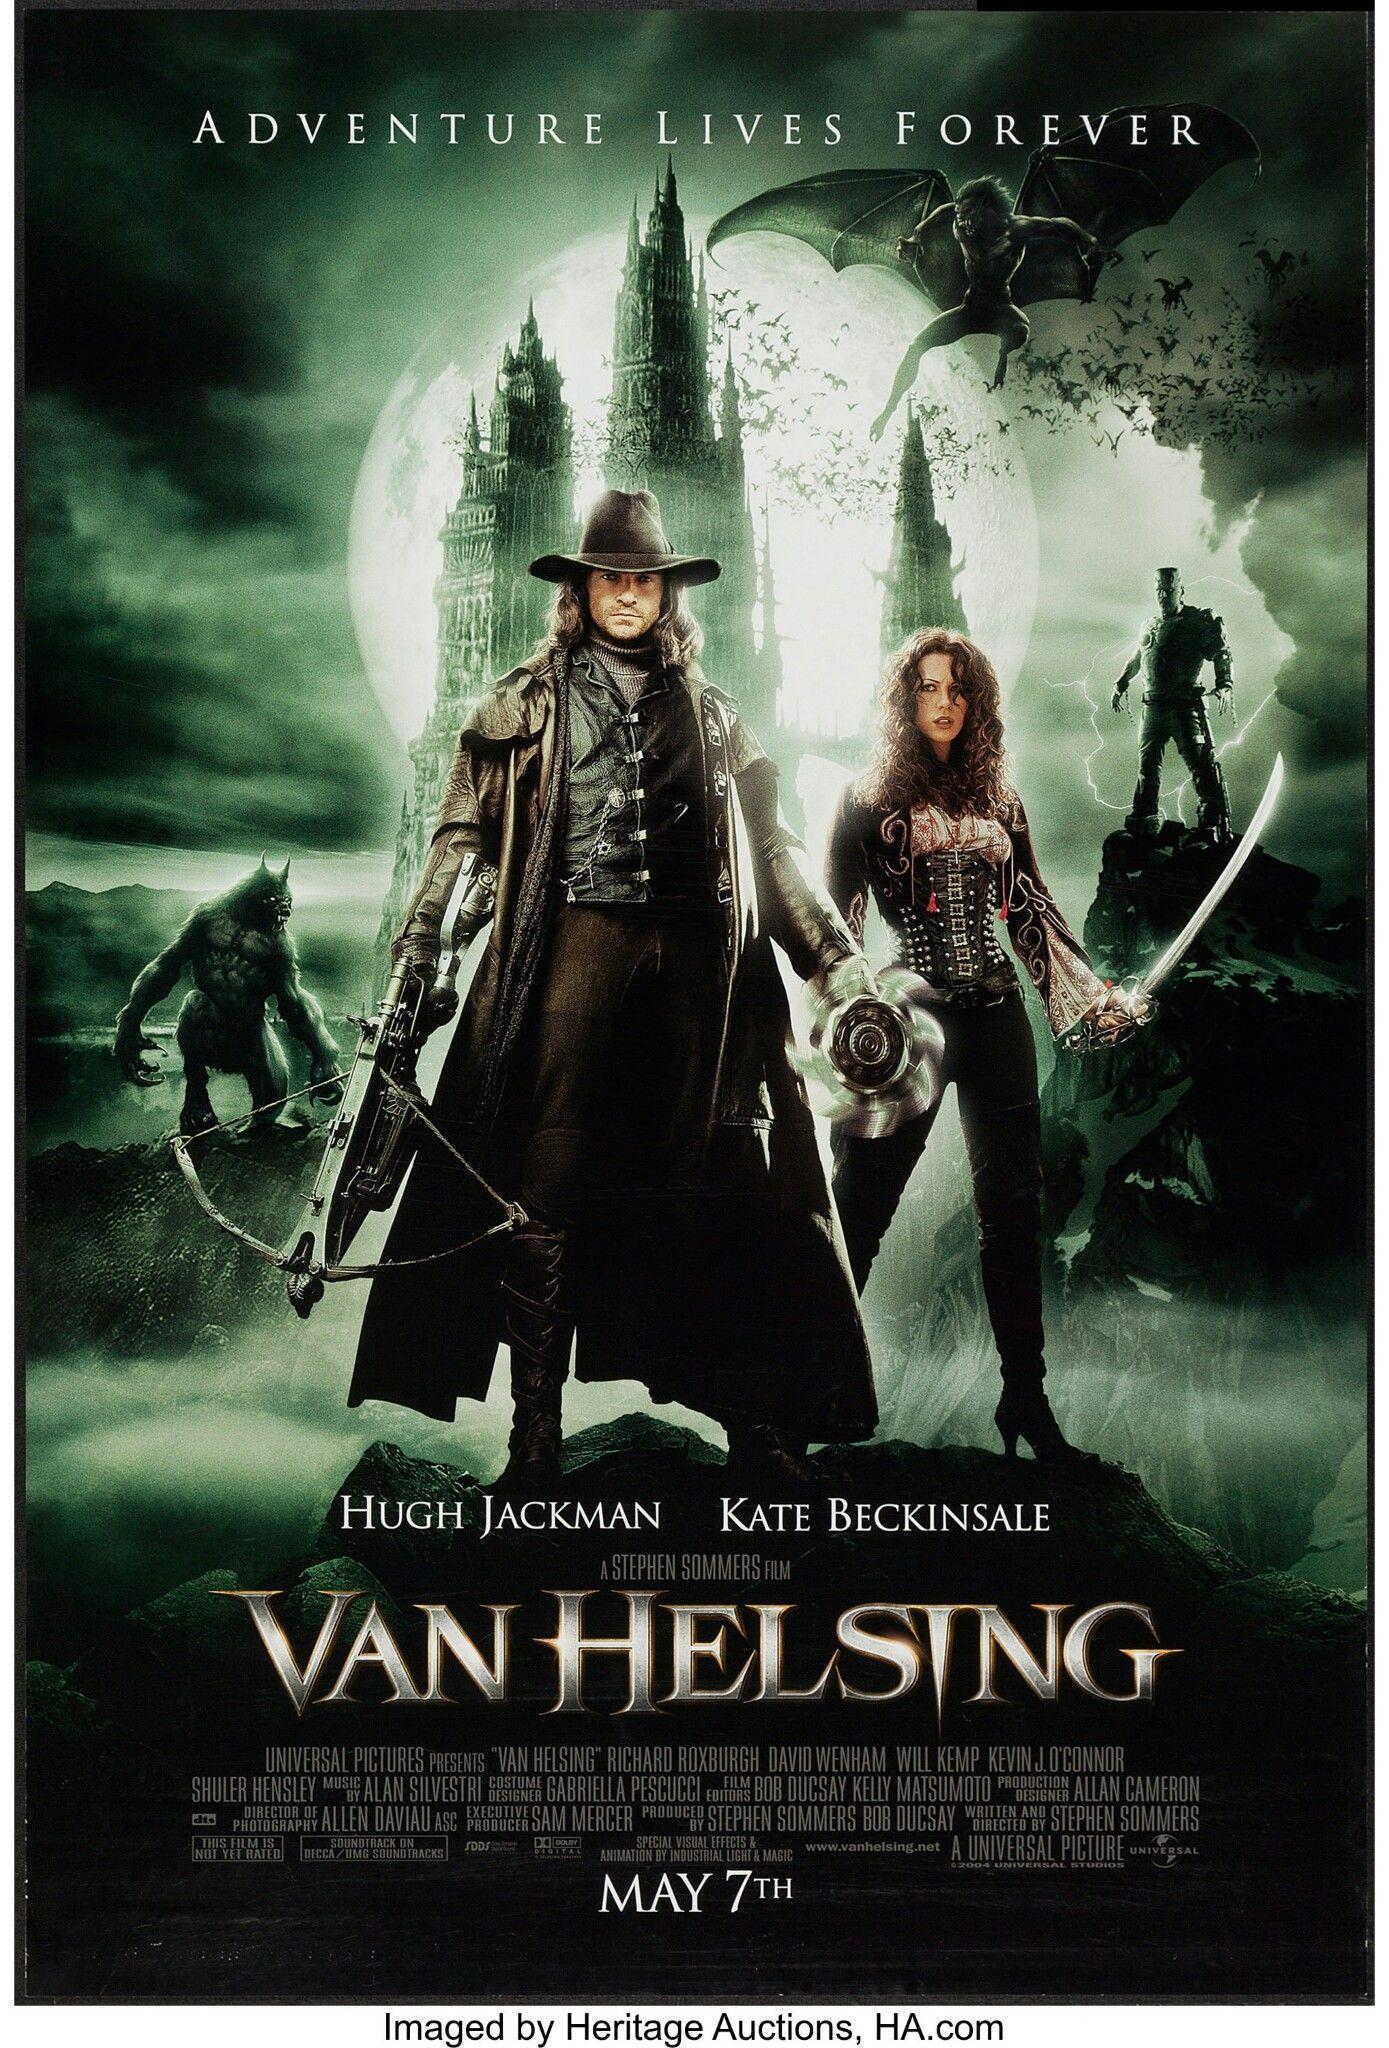 Van Helsing 2004 Vampire Movies Streaming Movies Fantasy Movies